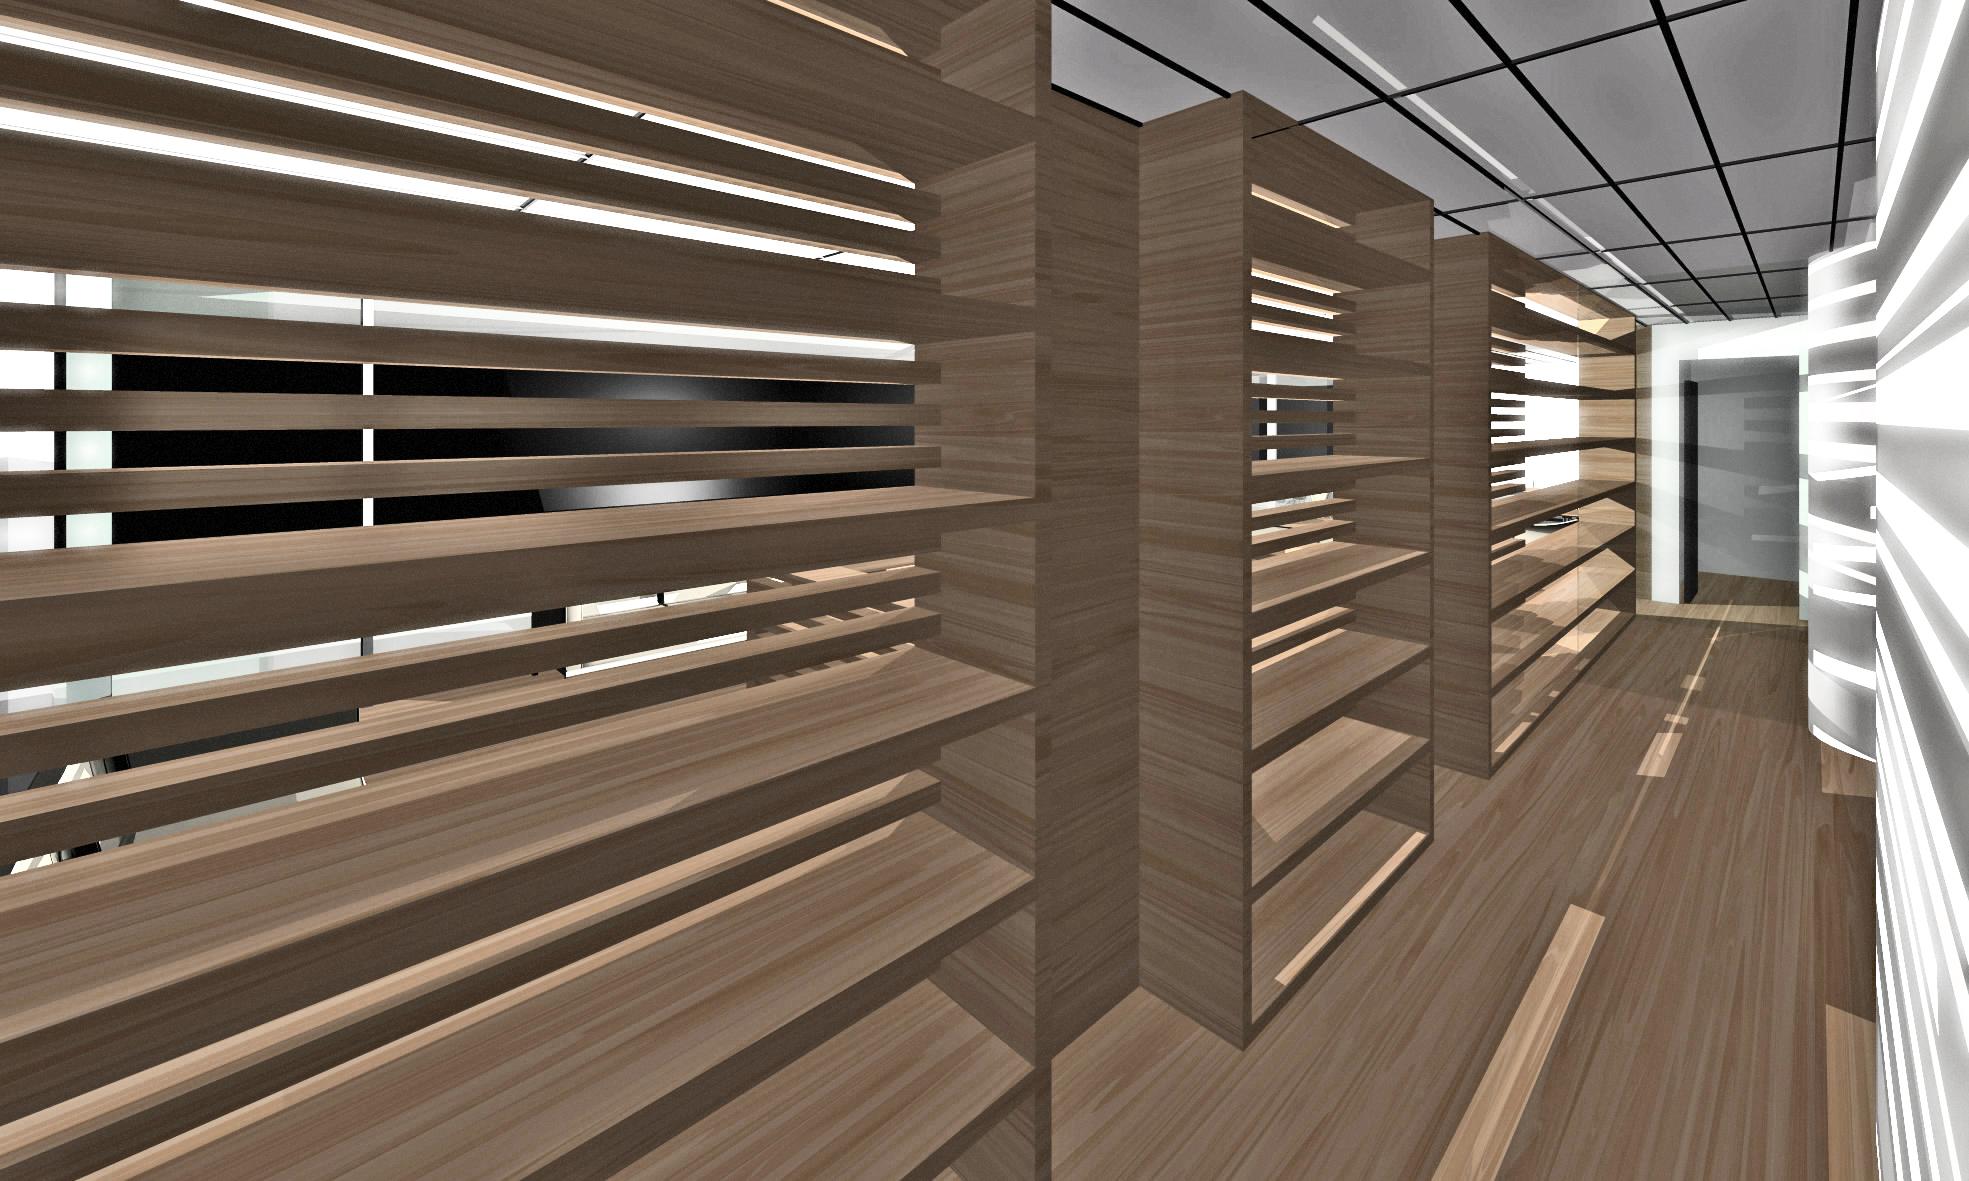 Corridor Shelves